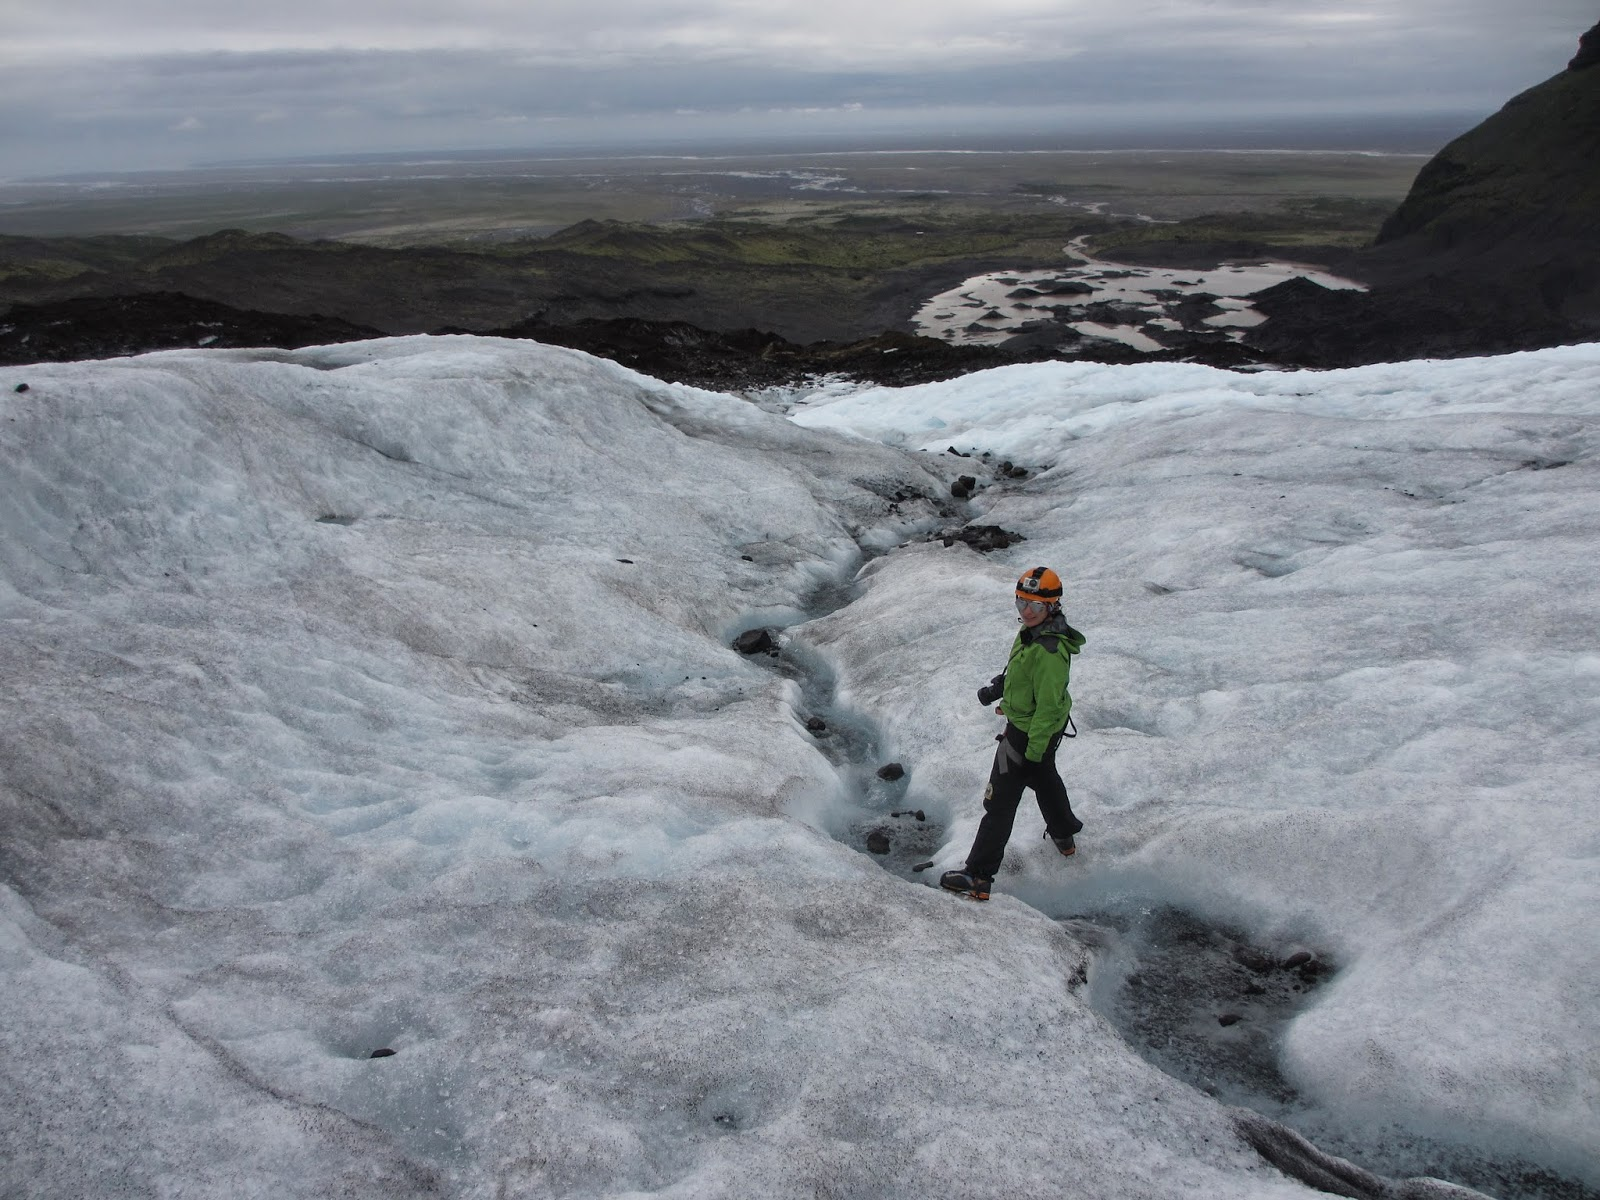 Visitar o GLACIAR VATNAJOKULL, a maior calote de gelo fora dos pólos | Islândia